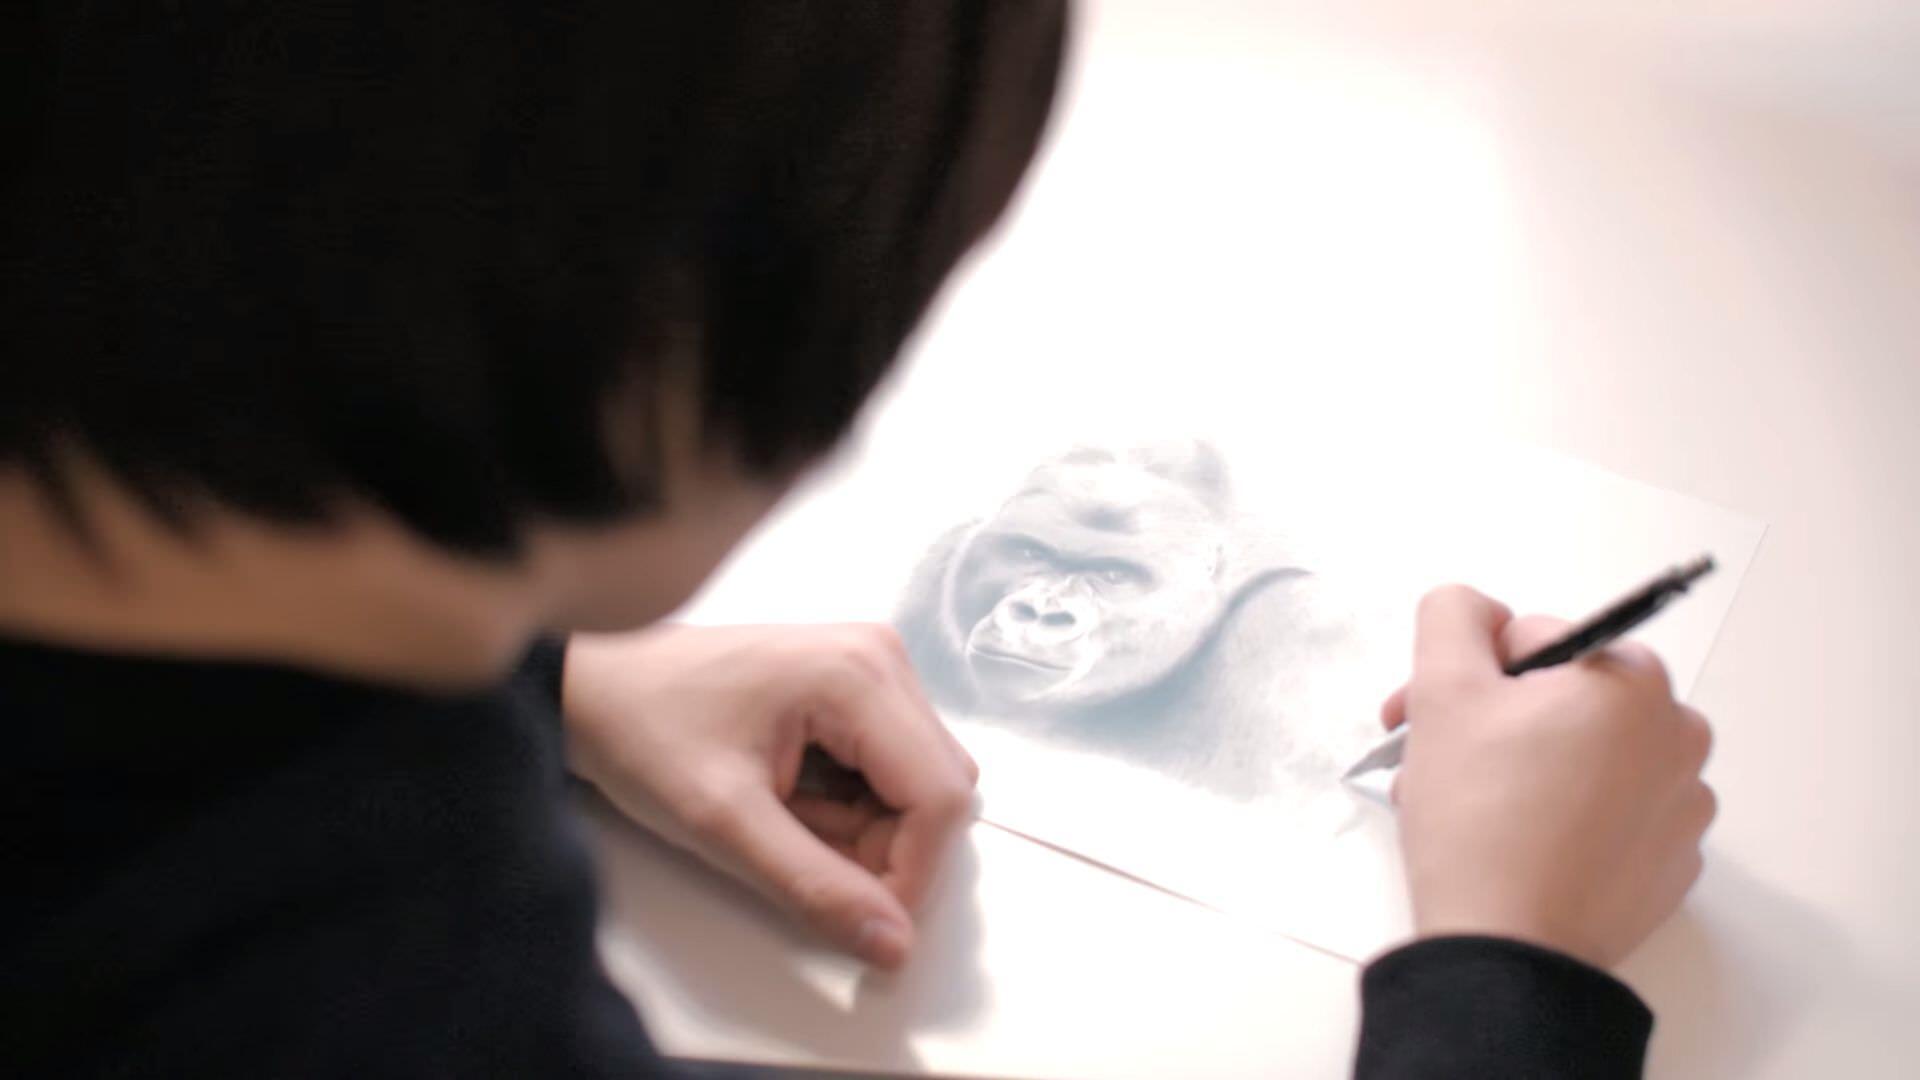 イケメンゴリラをシャーペンでリアルに描く人の正体は徳田有希さんだった